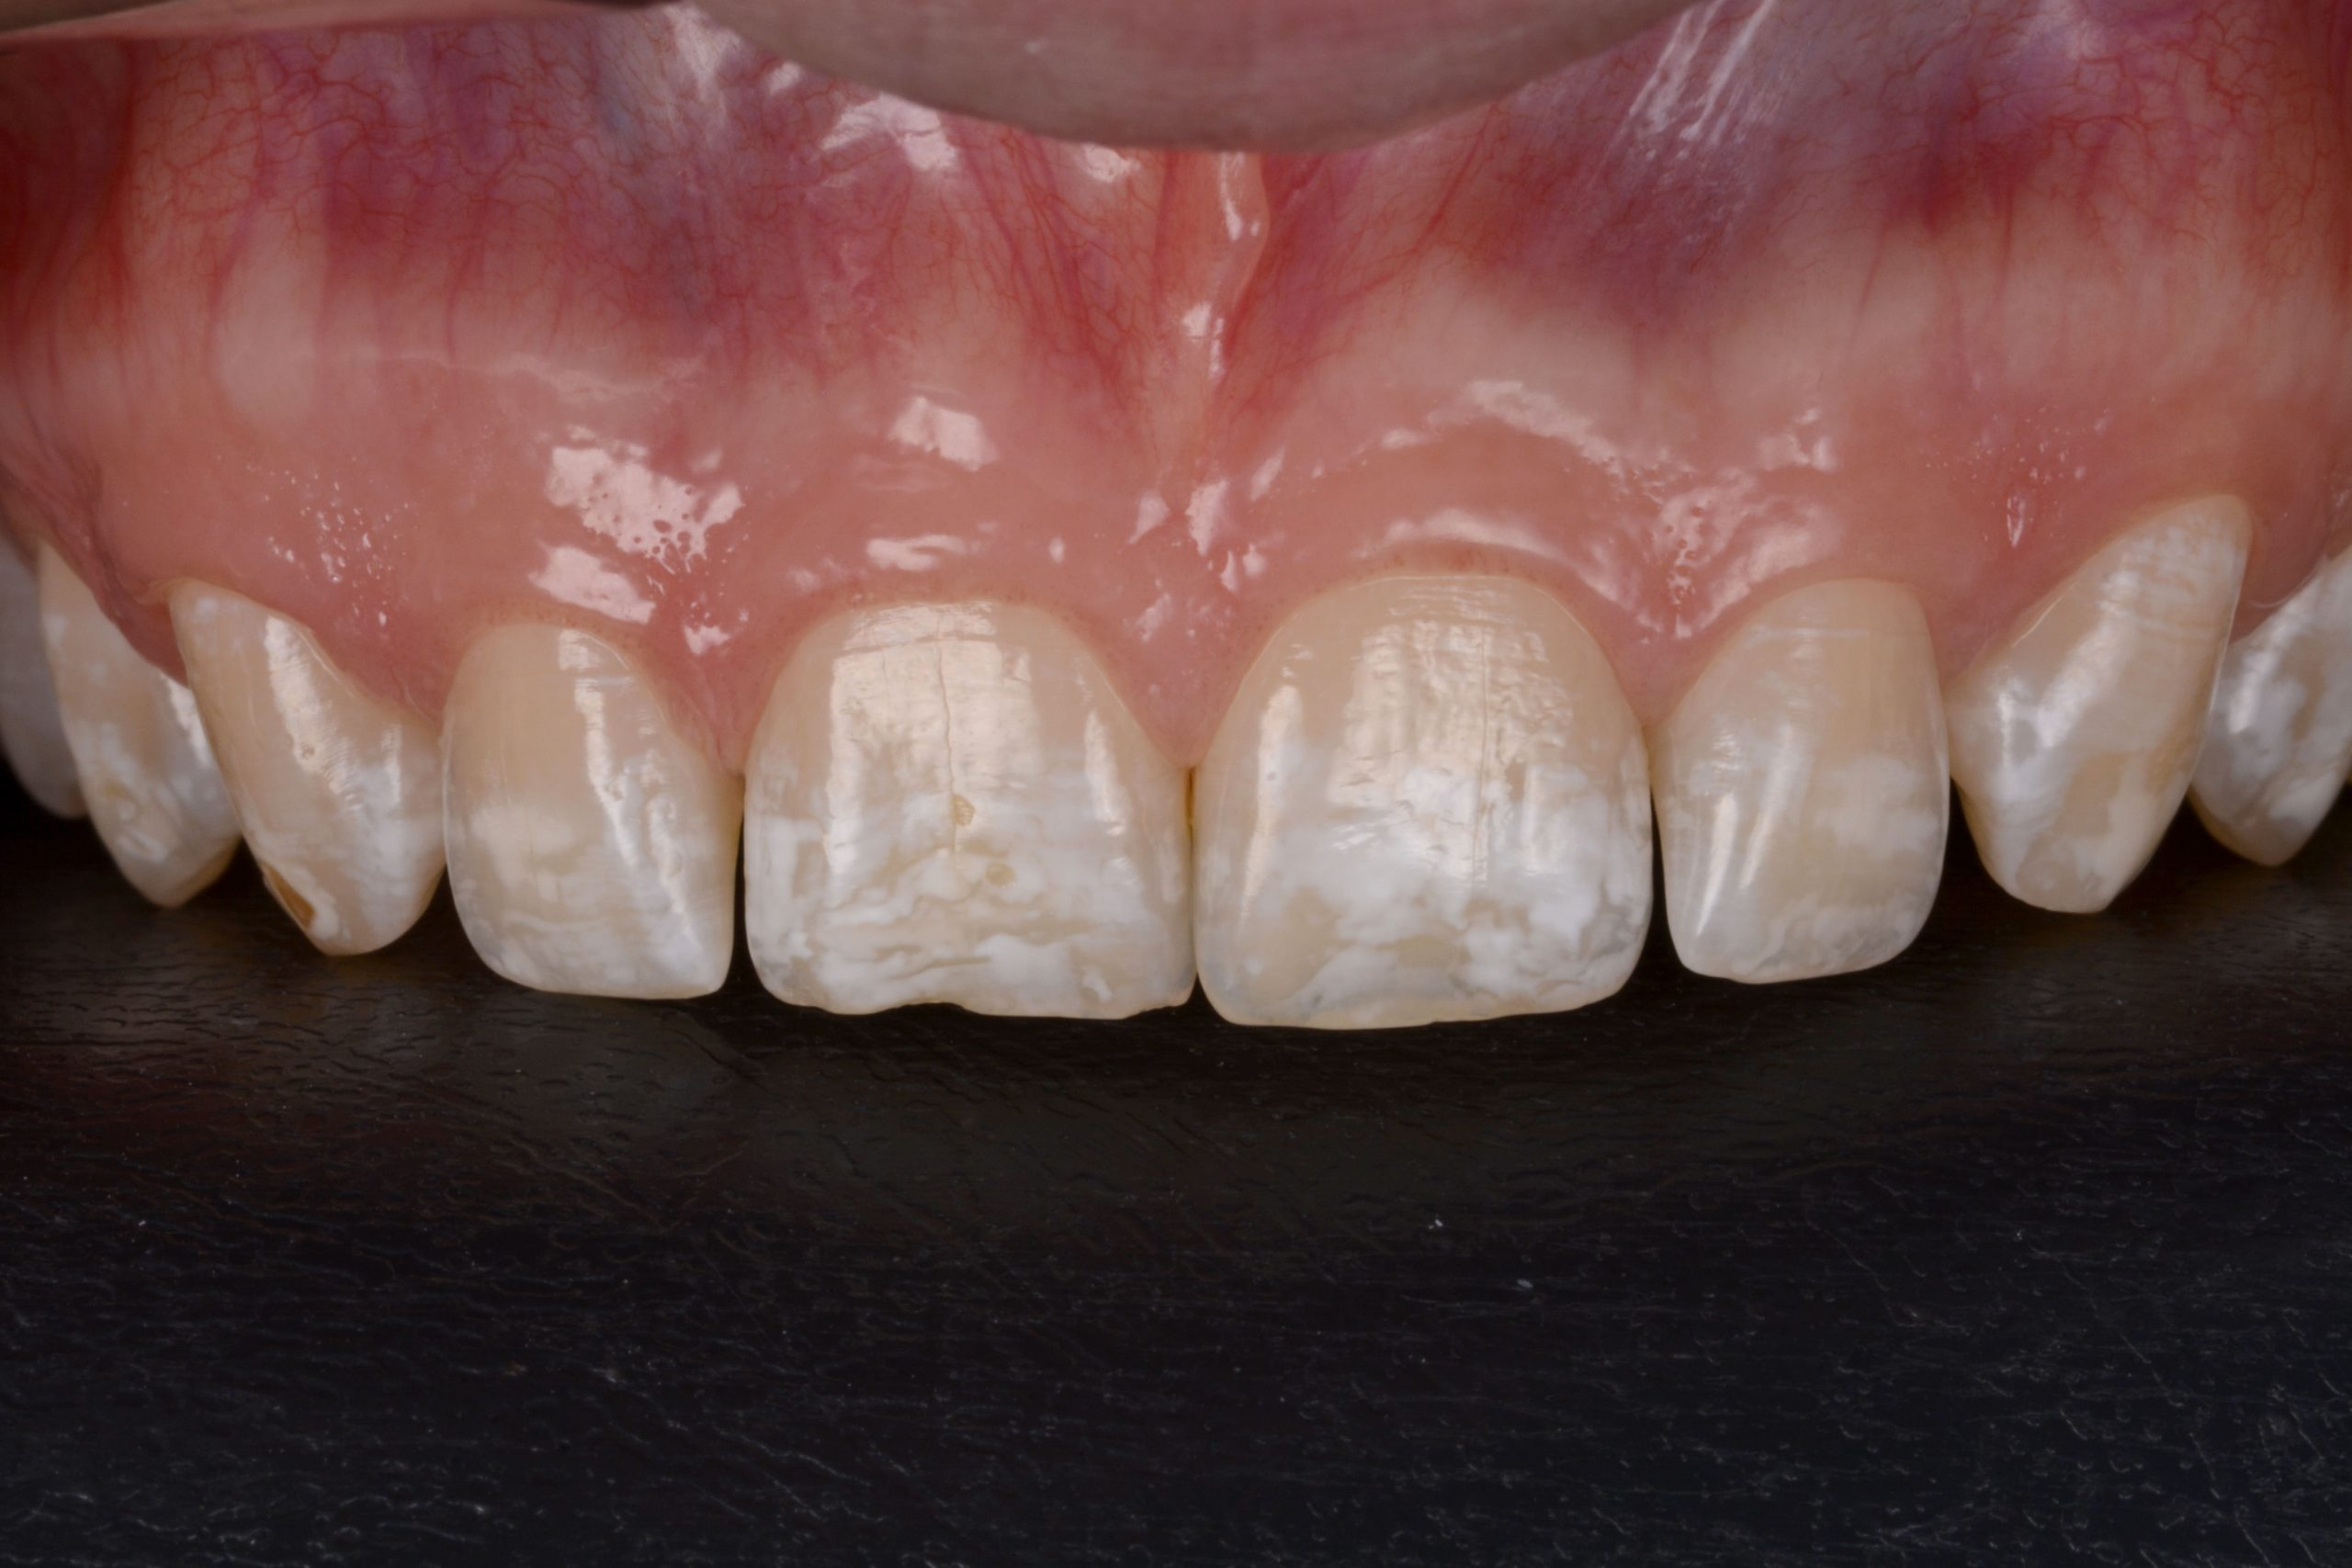 Diagnóstico de fluorose dental em grau moderado com presença de manchas mais intensas entre os dentes 13 ao 23